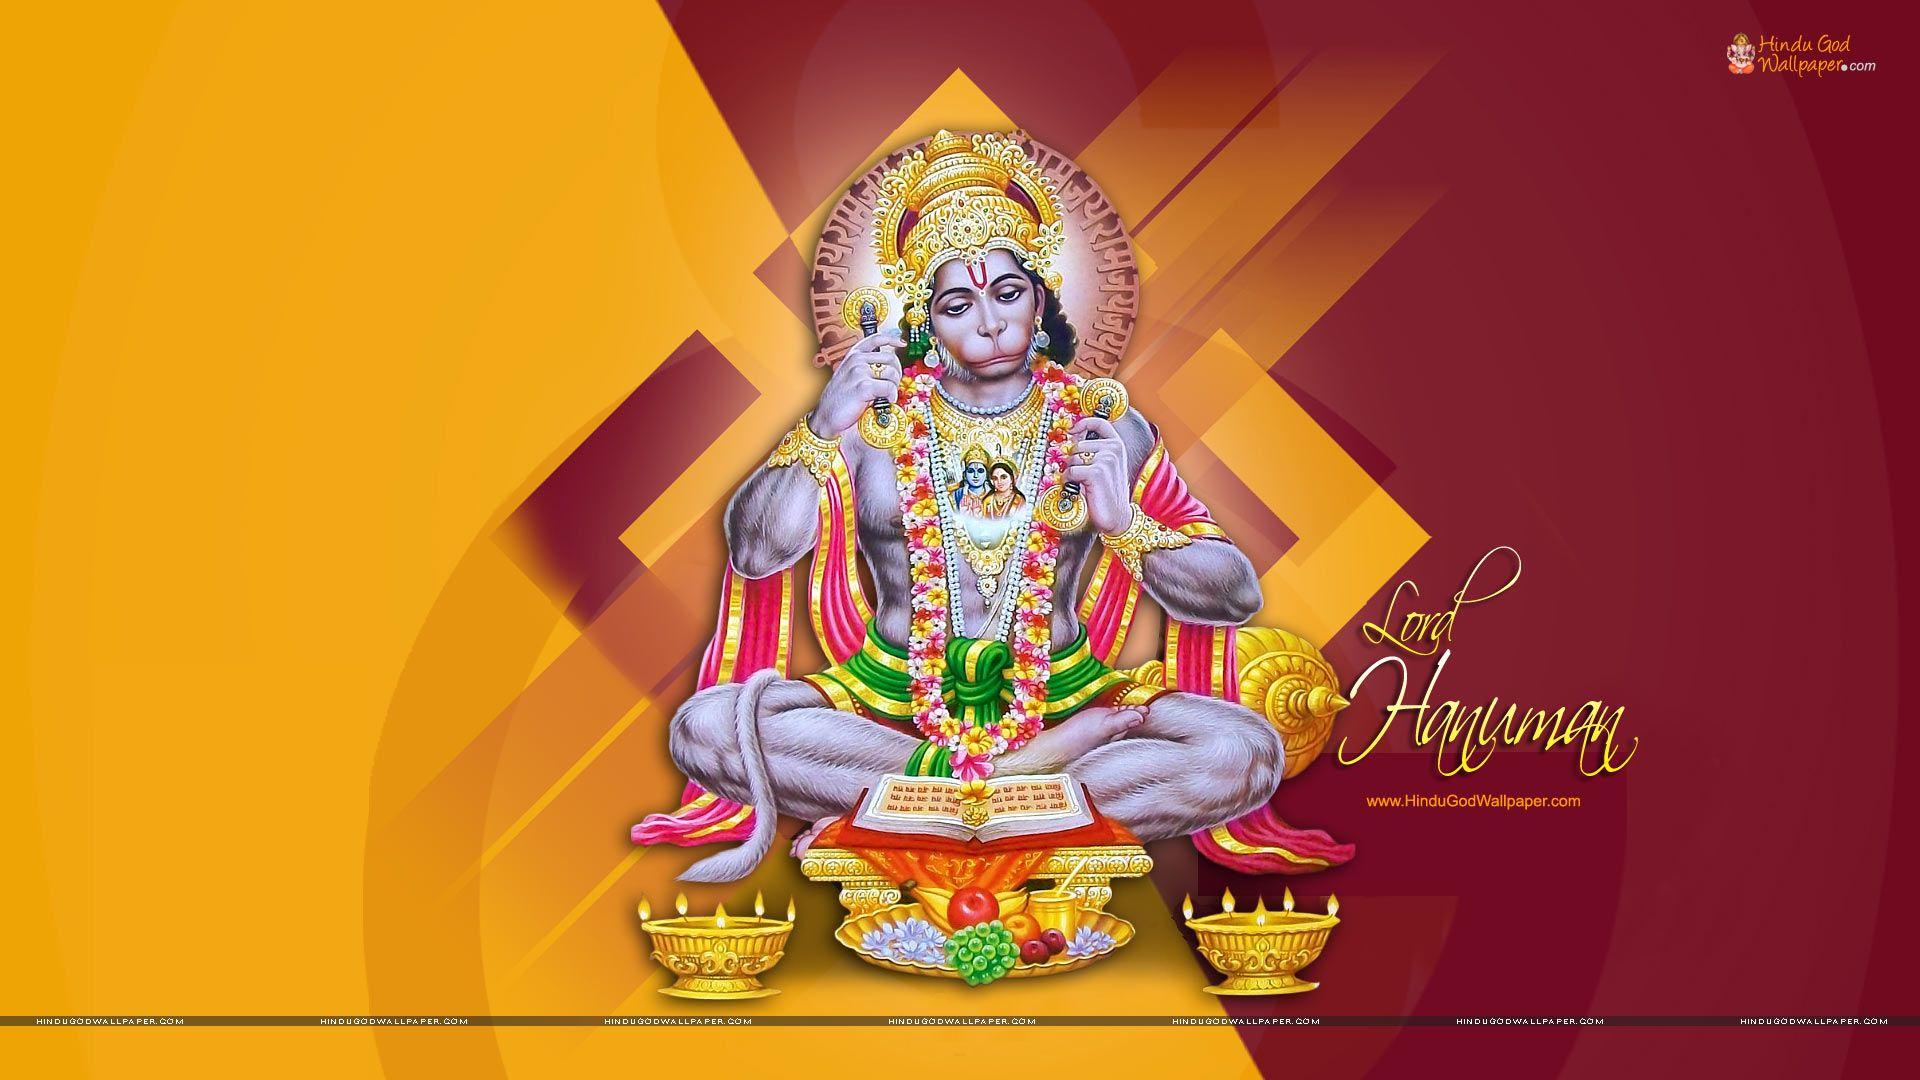 Lord Hanuman Ji Hd Wallpaper Full Size Download Hanuman Wallpaper Lord Hanuman Wallpapers Hanuman